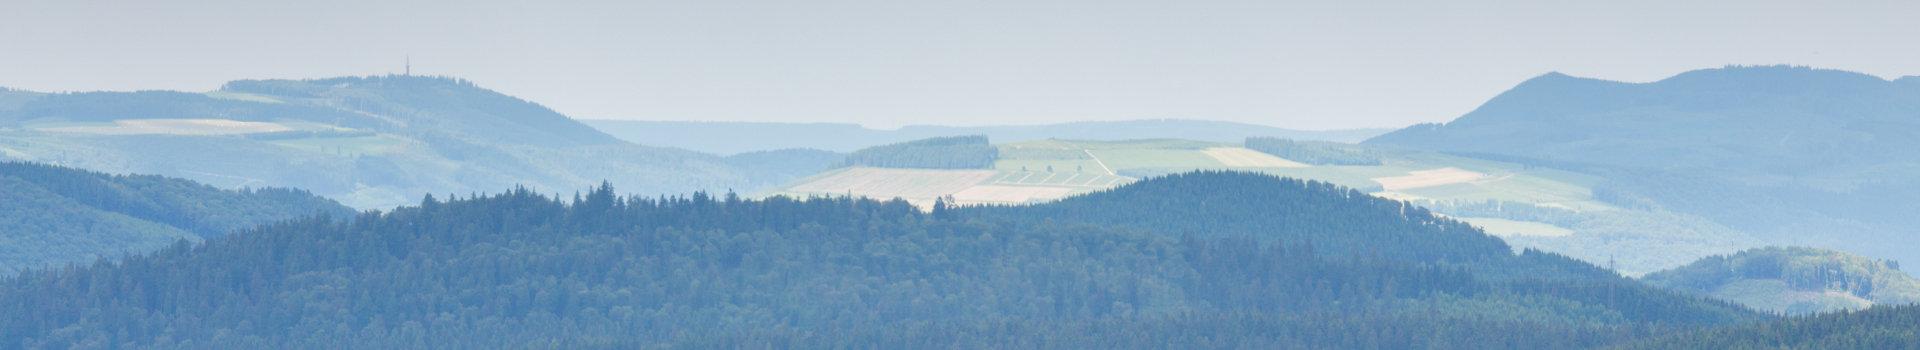 Hügelkette im Dunst